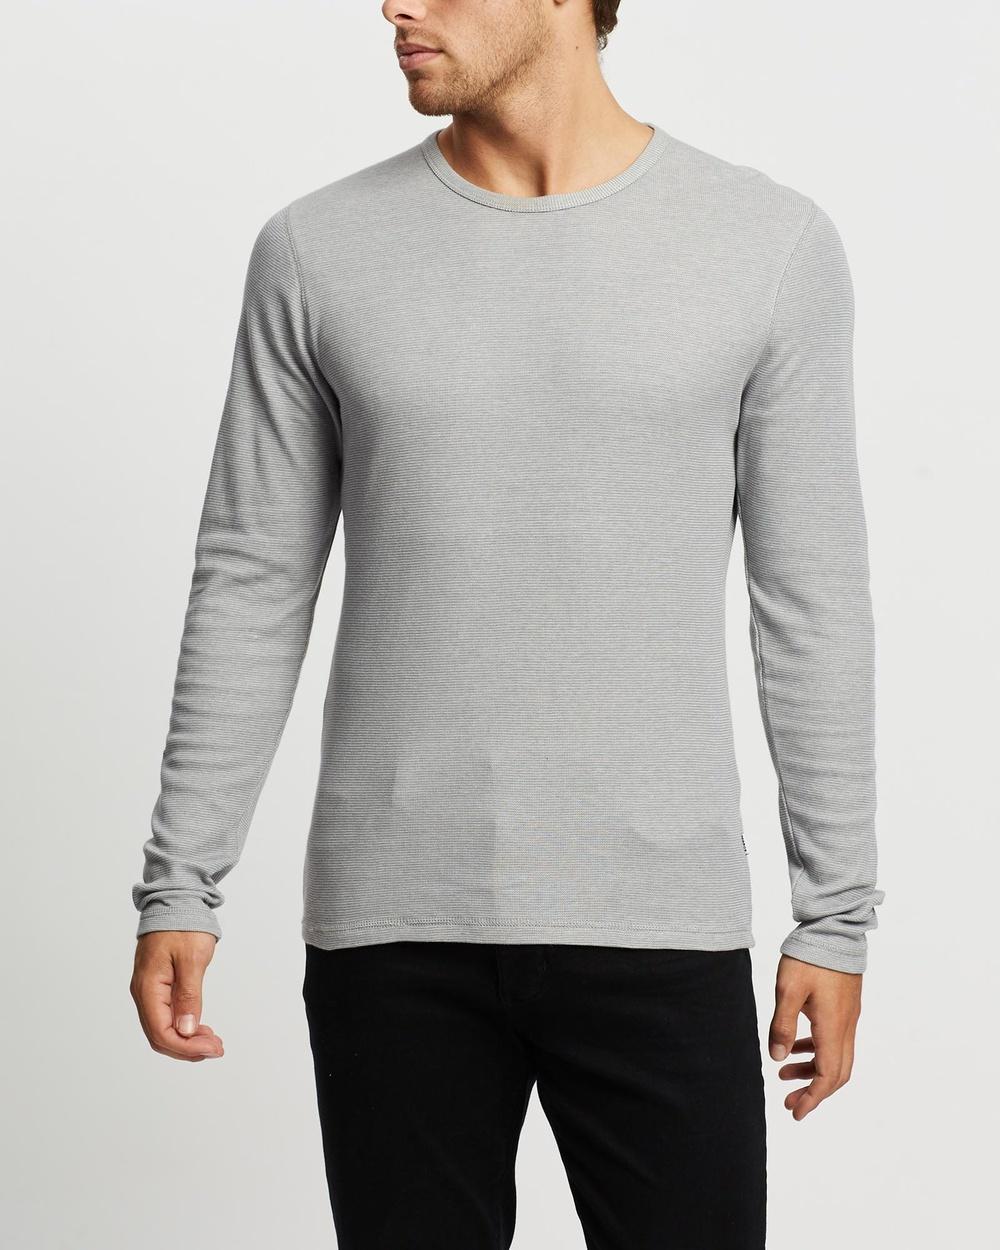 Marcs - Nickson Waffle Long Sleeve Tee - T-Shirts & Singlets (Pale Grey) Nickson Waffle Long Sleeve Tee